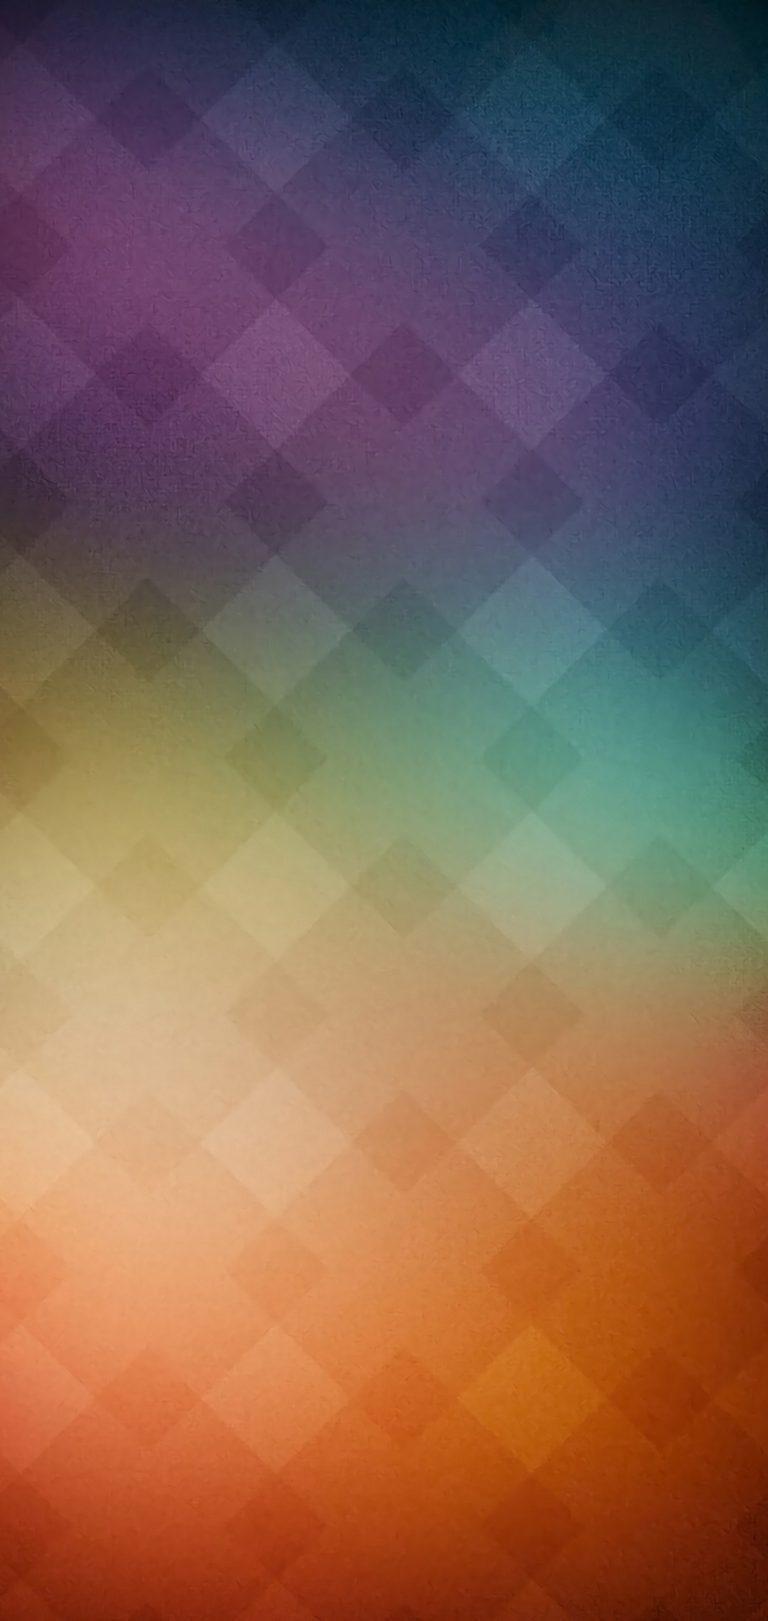 1080x2280 Wallpaper 084 768x1621